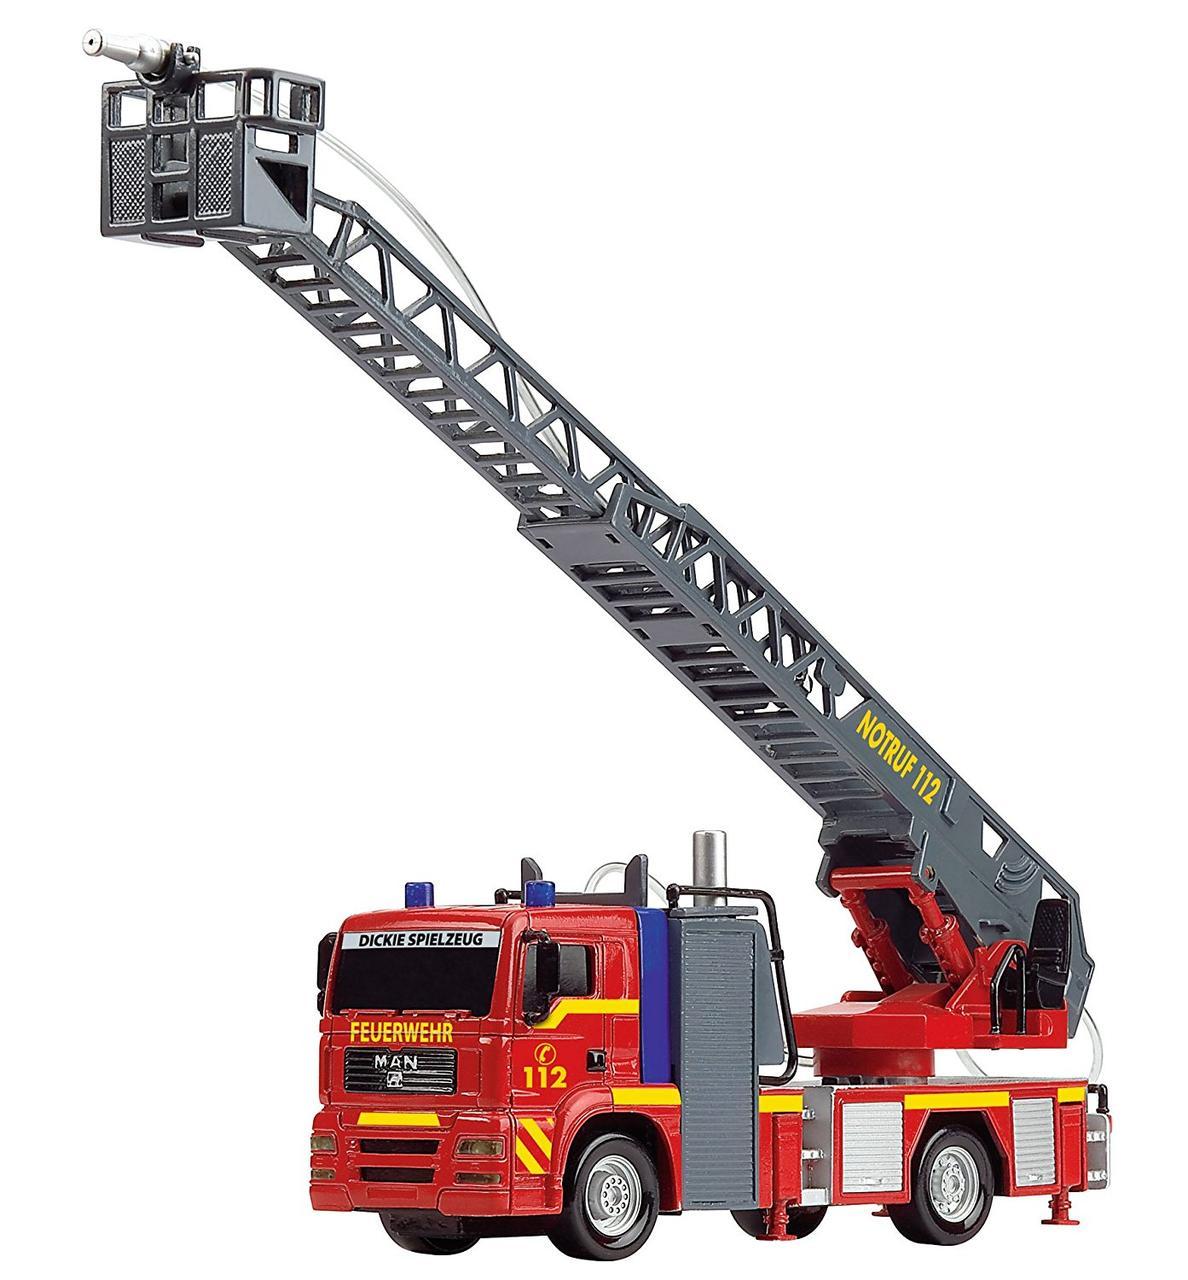 Игрушка Пожарная машинка Город со световыми и звуковыми эффектами 31 см City Fire Engine Dickie Toys 3715001